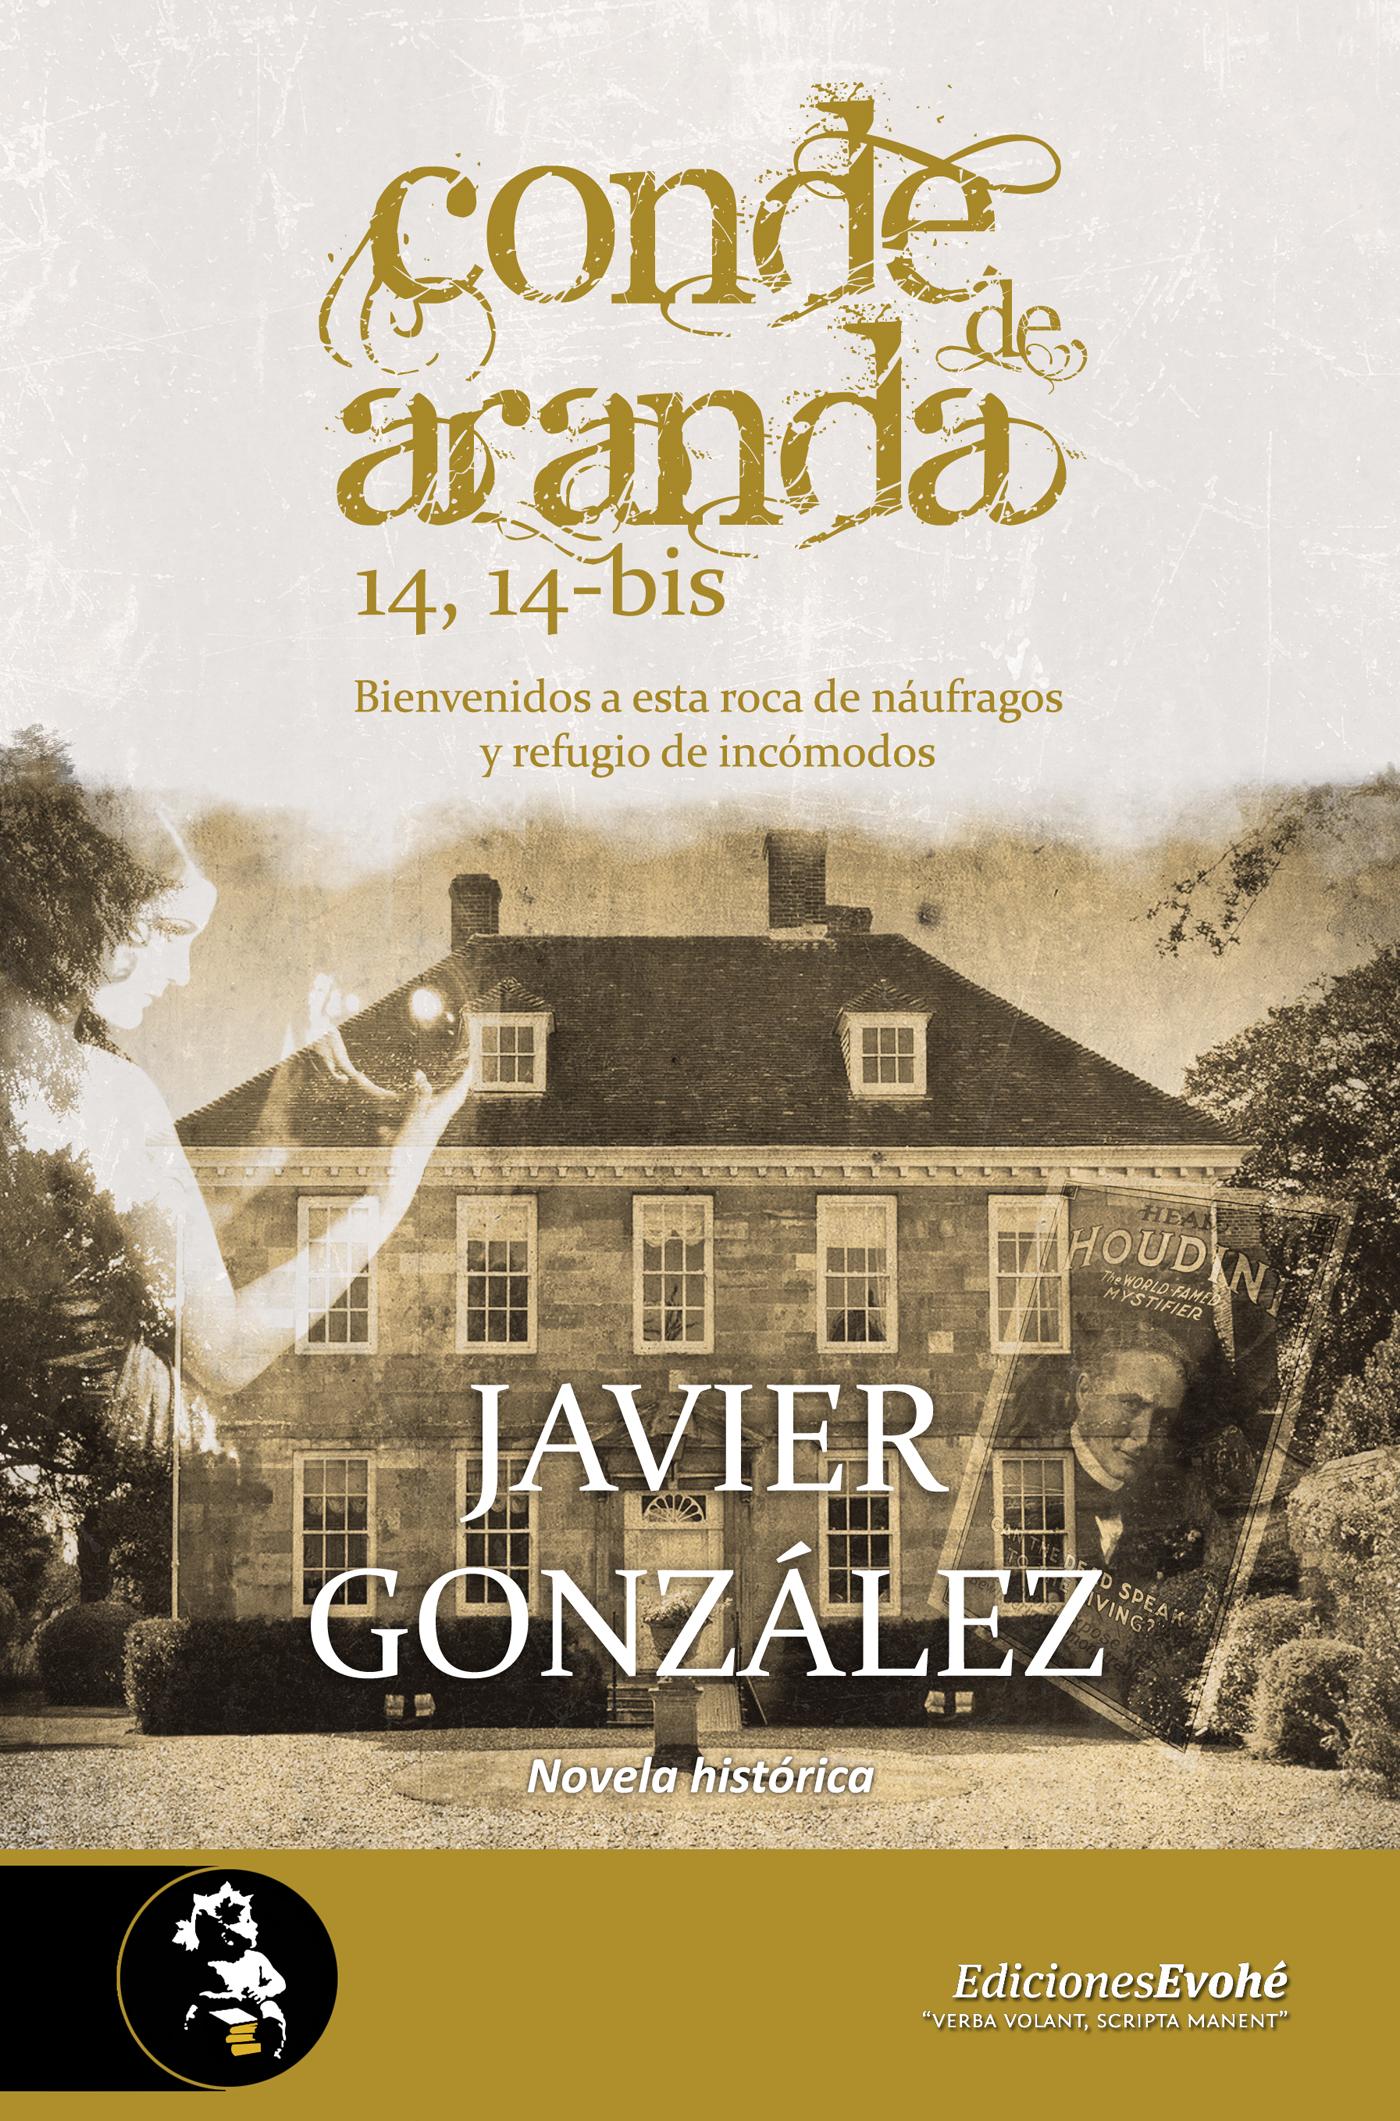 CONDE DE ARANDA 14, 14-BIS - Javier González